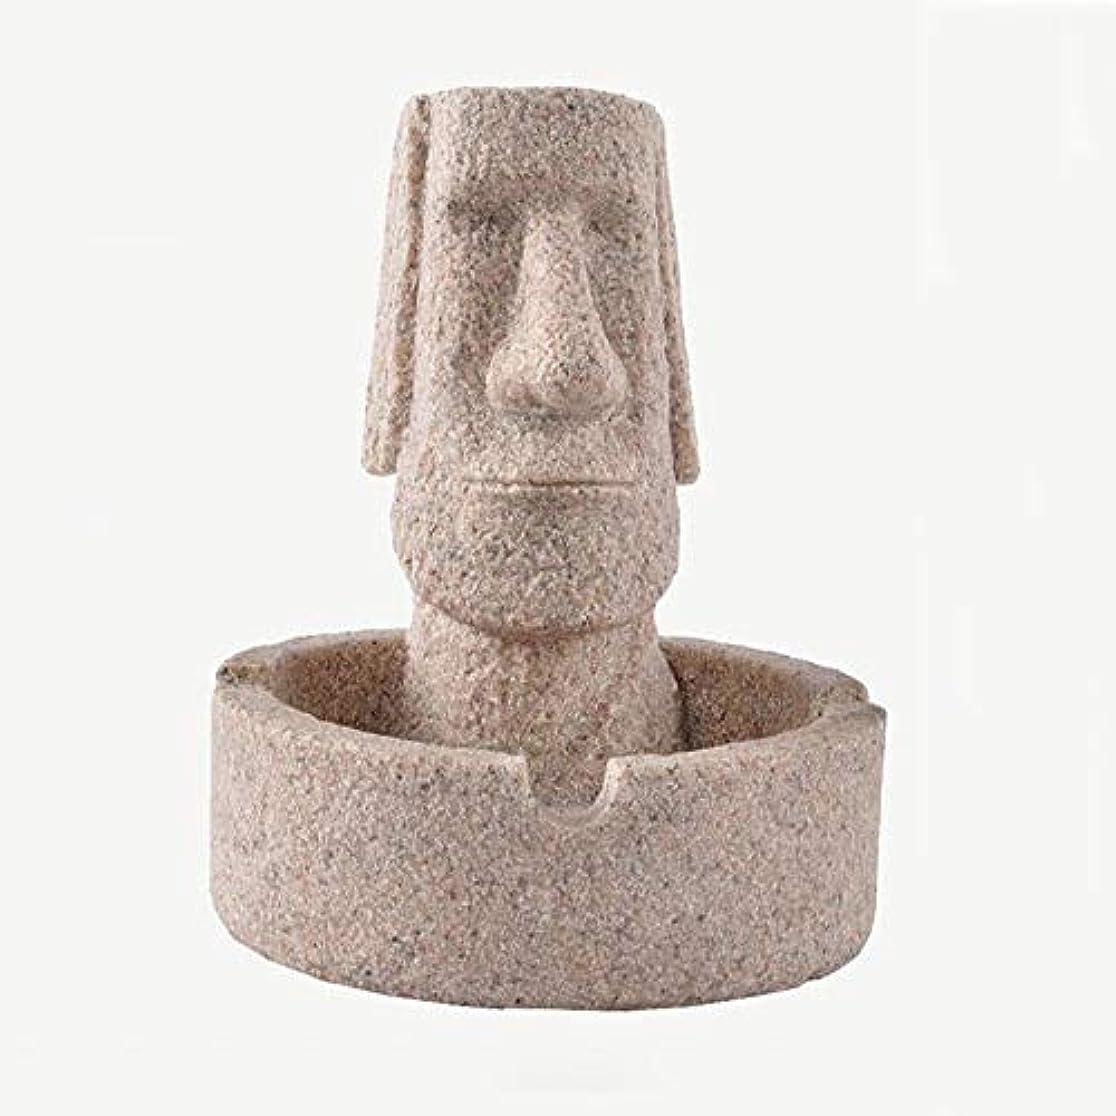 精神マラドロイト縞模様のタバコの灰皿クリエイティブ灰皿ホームデコレーション